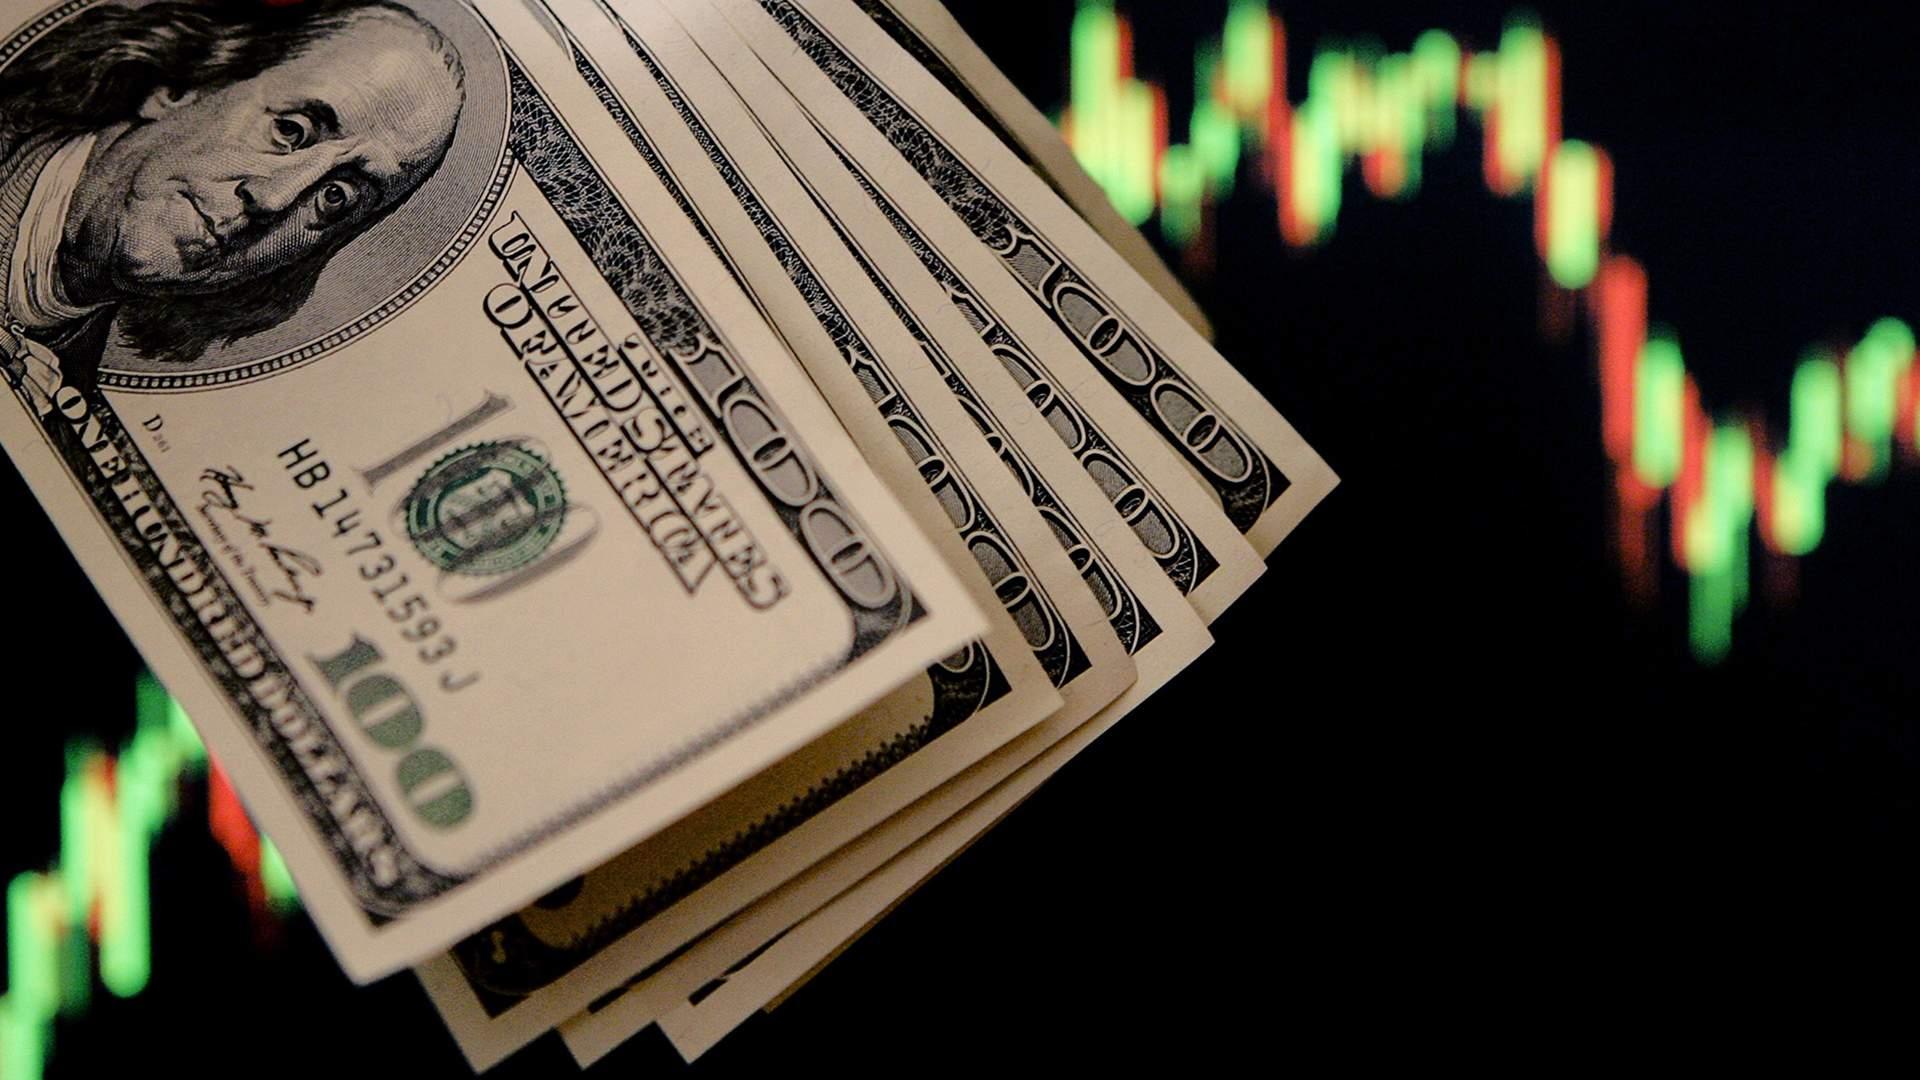 Конец сильного доллара: Америка на пути к обесцениванию своей валюты |  Статьи | Известия